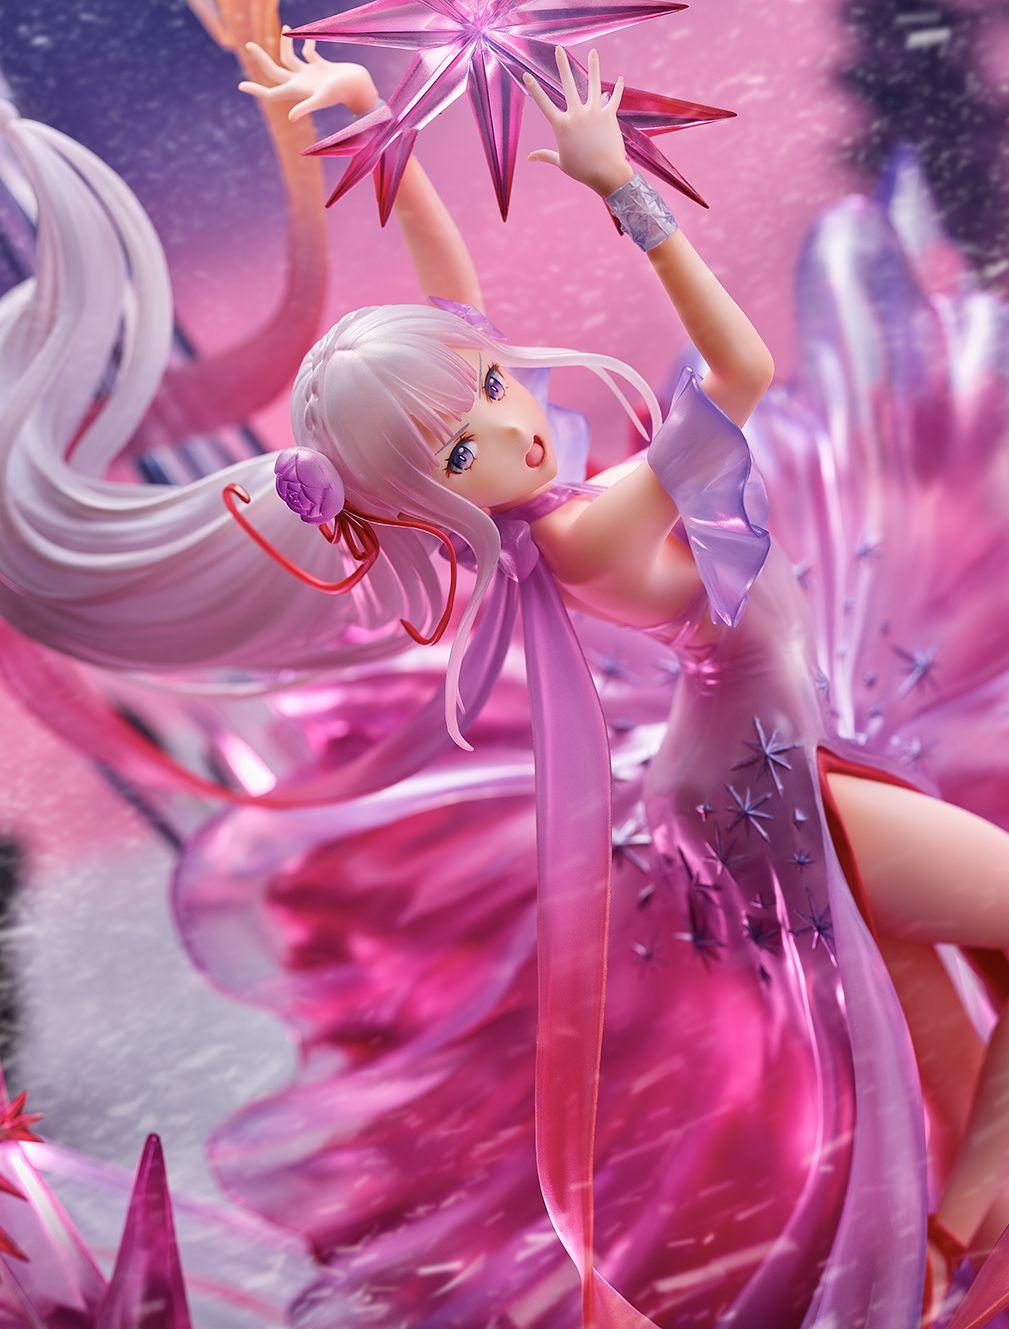 【限定販売】Re:ゼロから始める異世界生活『氷結のエミリア -Crystal Dress Ver-』 1/7 完成品フィギュア-004